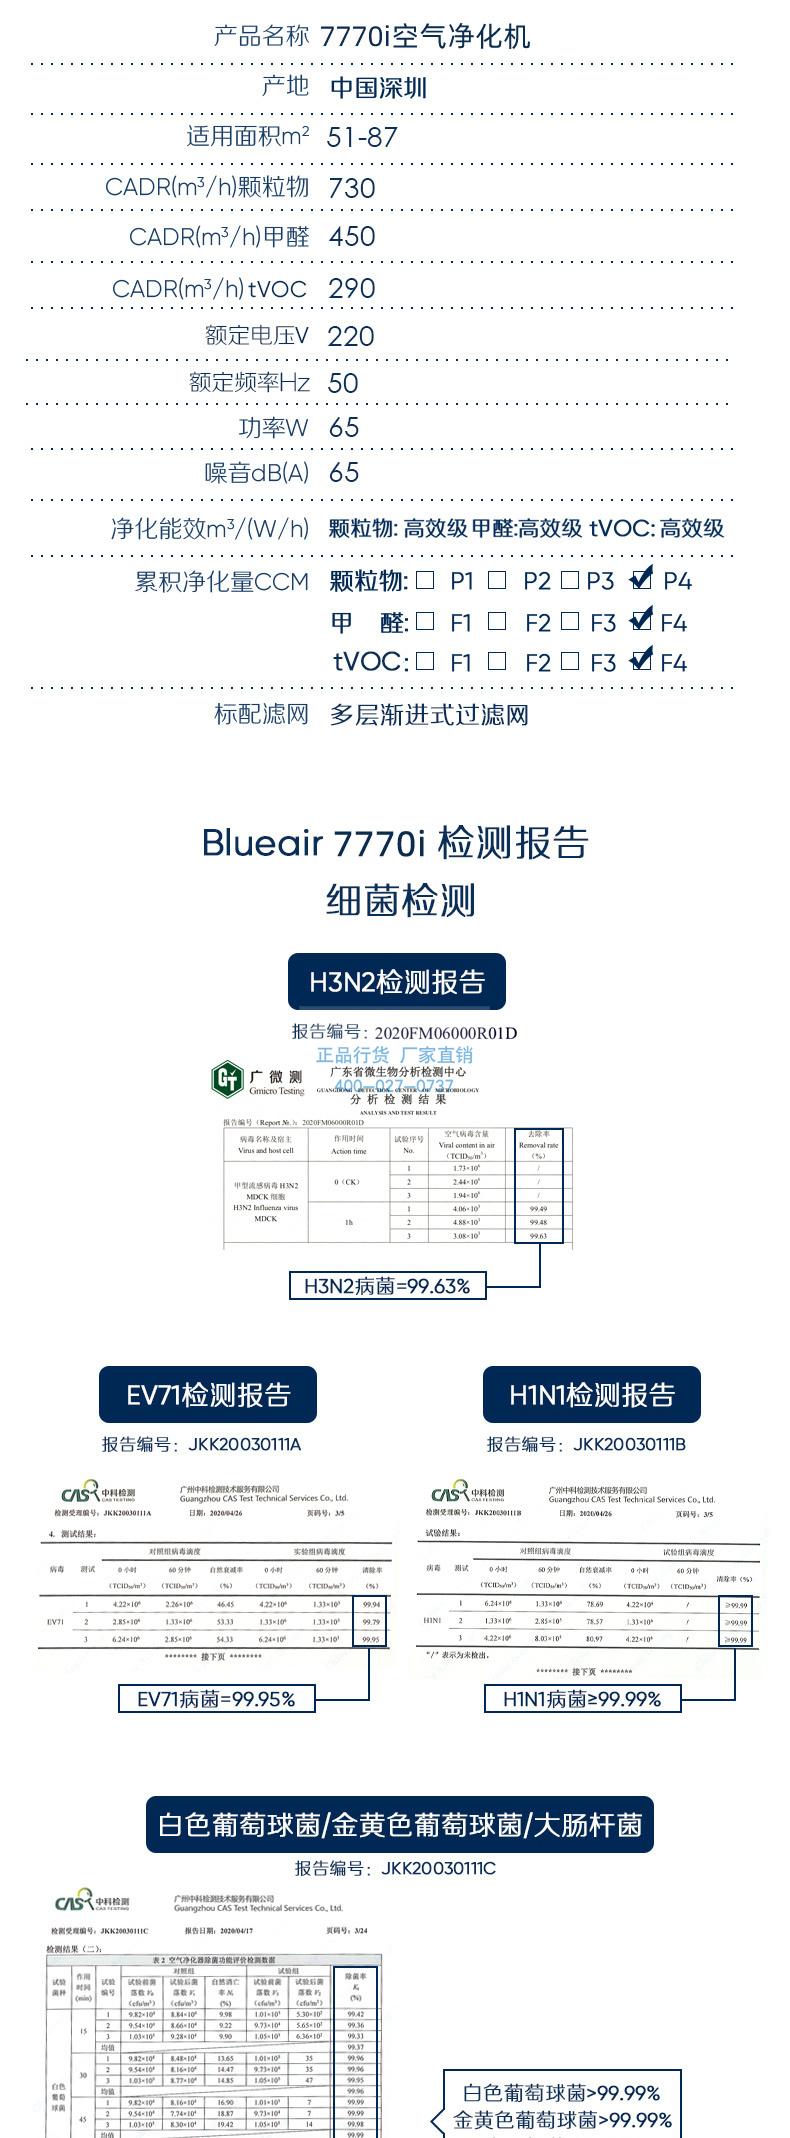 blueair智能净化器,blueair净化器,blueair新品净化器,blueair智能菌盾,布鲁雅尔智能净化器,布鲁雅尔,blueair,blueair 7770i,布鲁雅尔 7770i